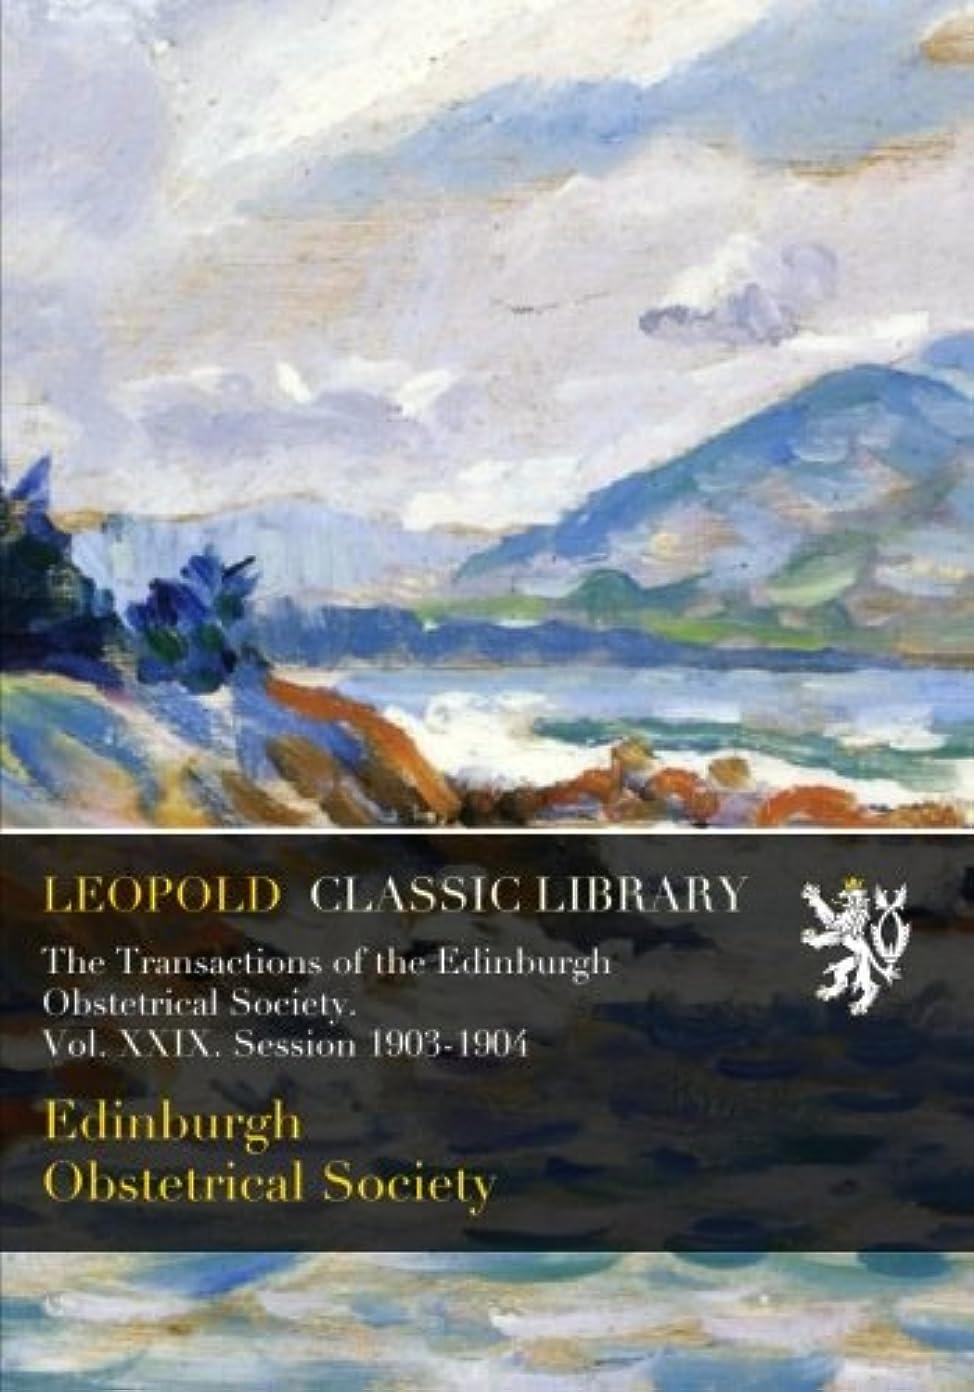 議論する再撮り馬鹿The Transactions of the Edinburgh Obstetrical Society. Vol. XXIX. Session 1903-1904